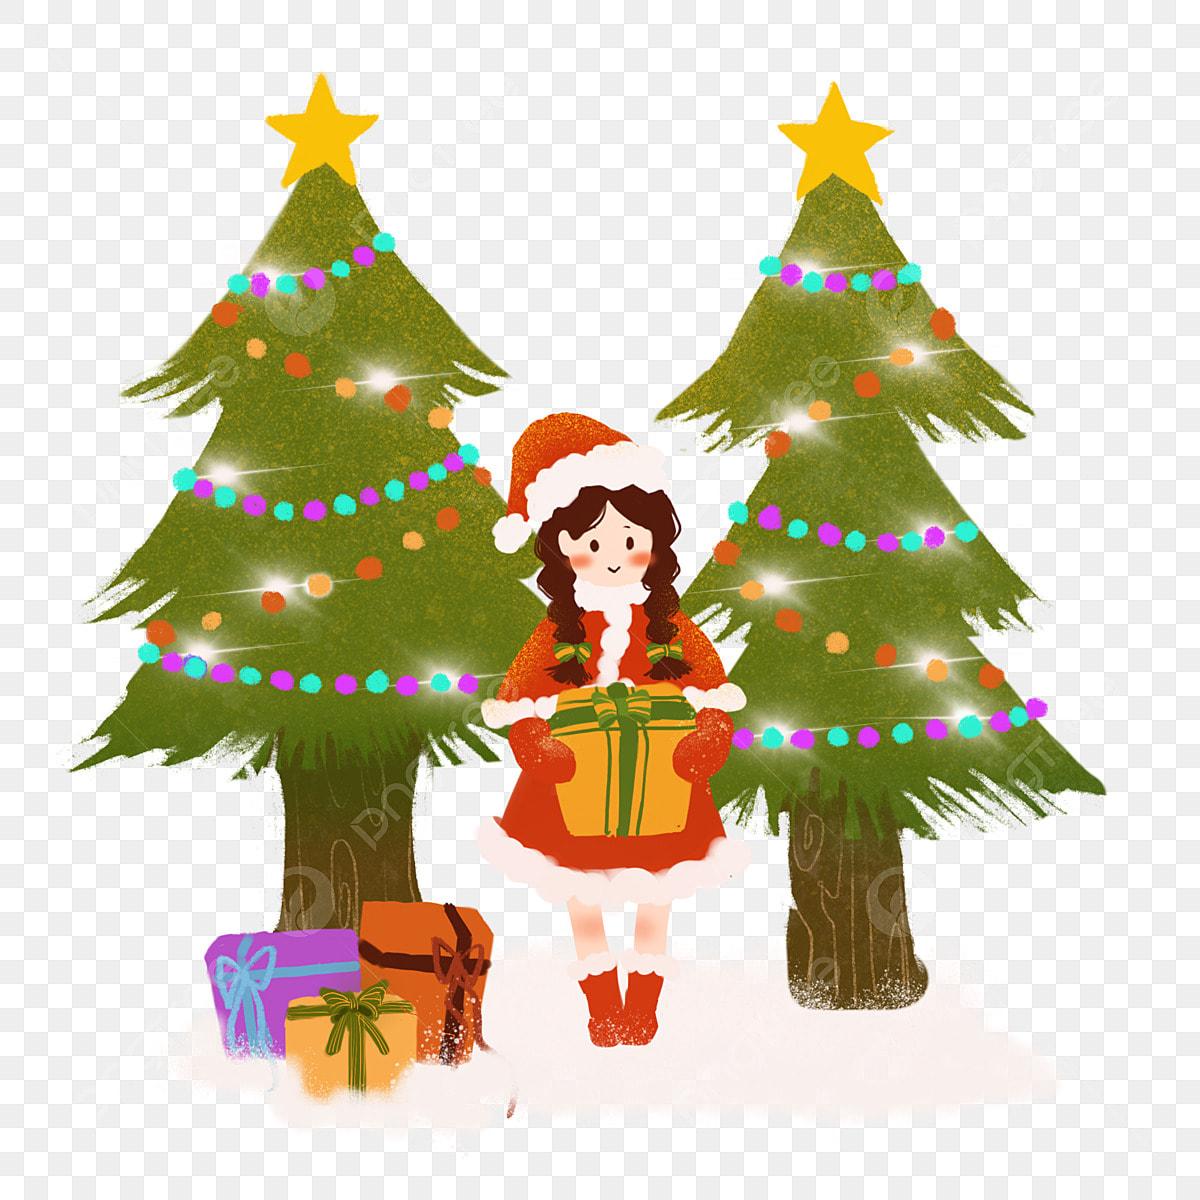 Dibujos De Navidad Creativos.Dibujos Animados De Navidad Creativa Dibujos Animados De